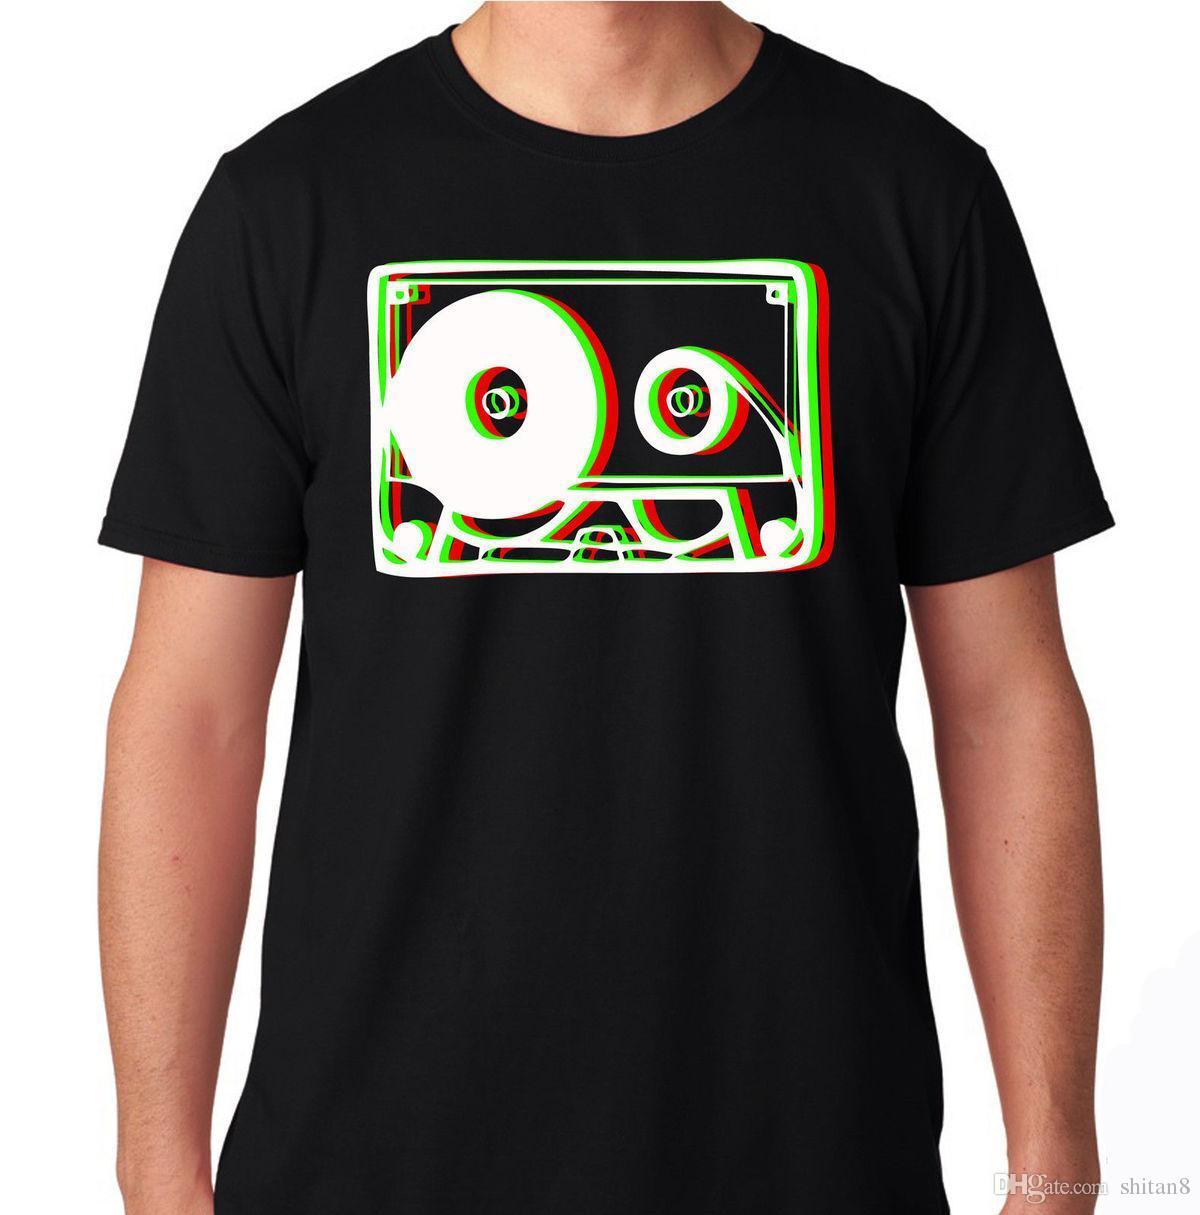 CASSETTE DIMENSION HIP HOP RAP HARDFEST PLUR DJ TRAP CONCERT RAVE MUSIC T  SHIRT Men T-Shirt Great Quality Funny Man Cotton